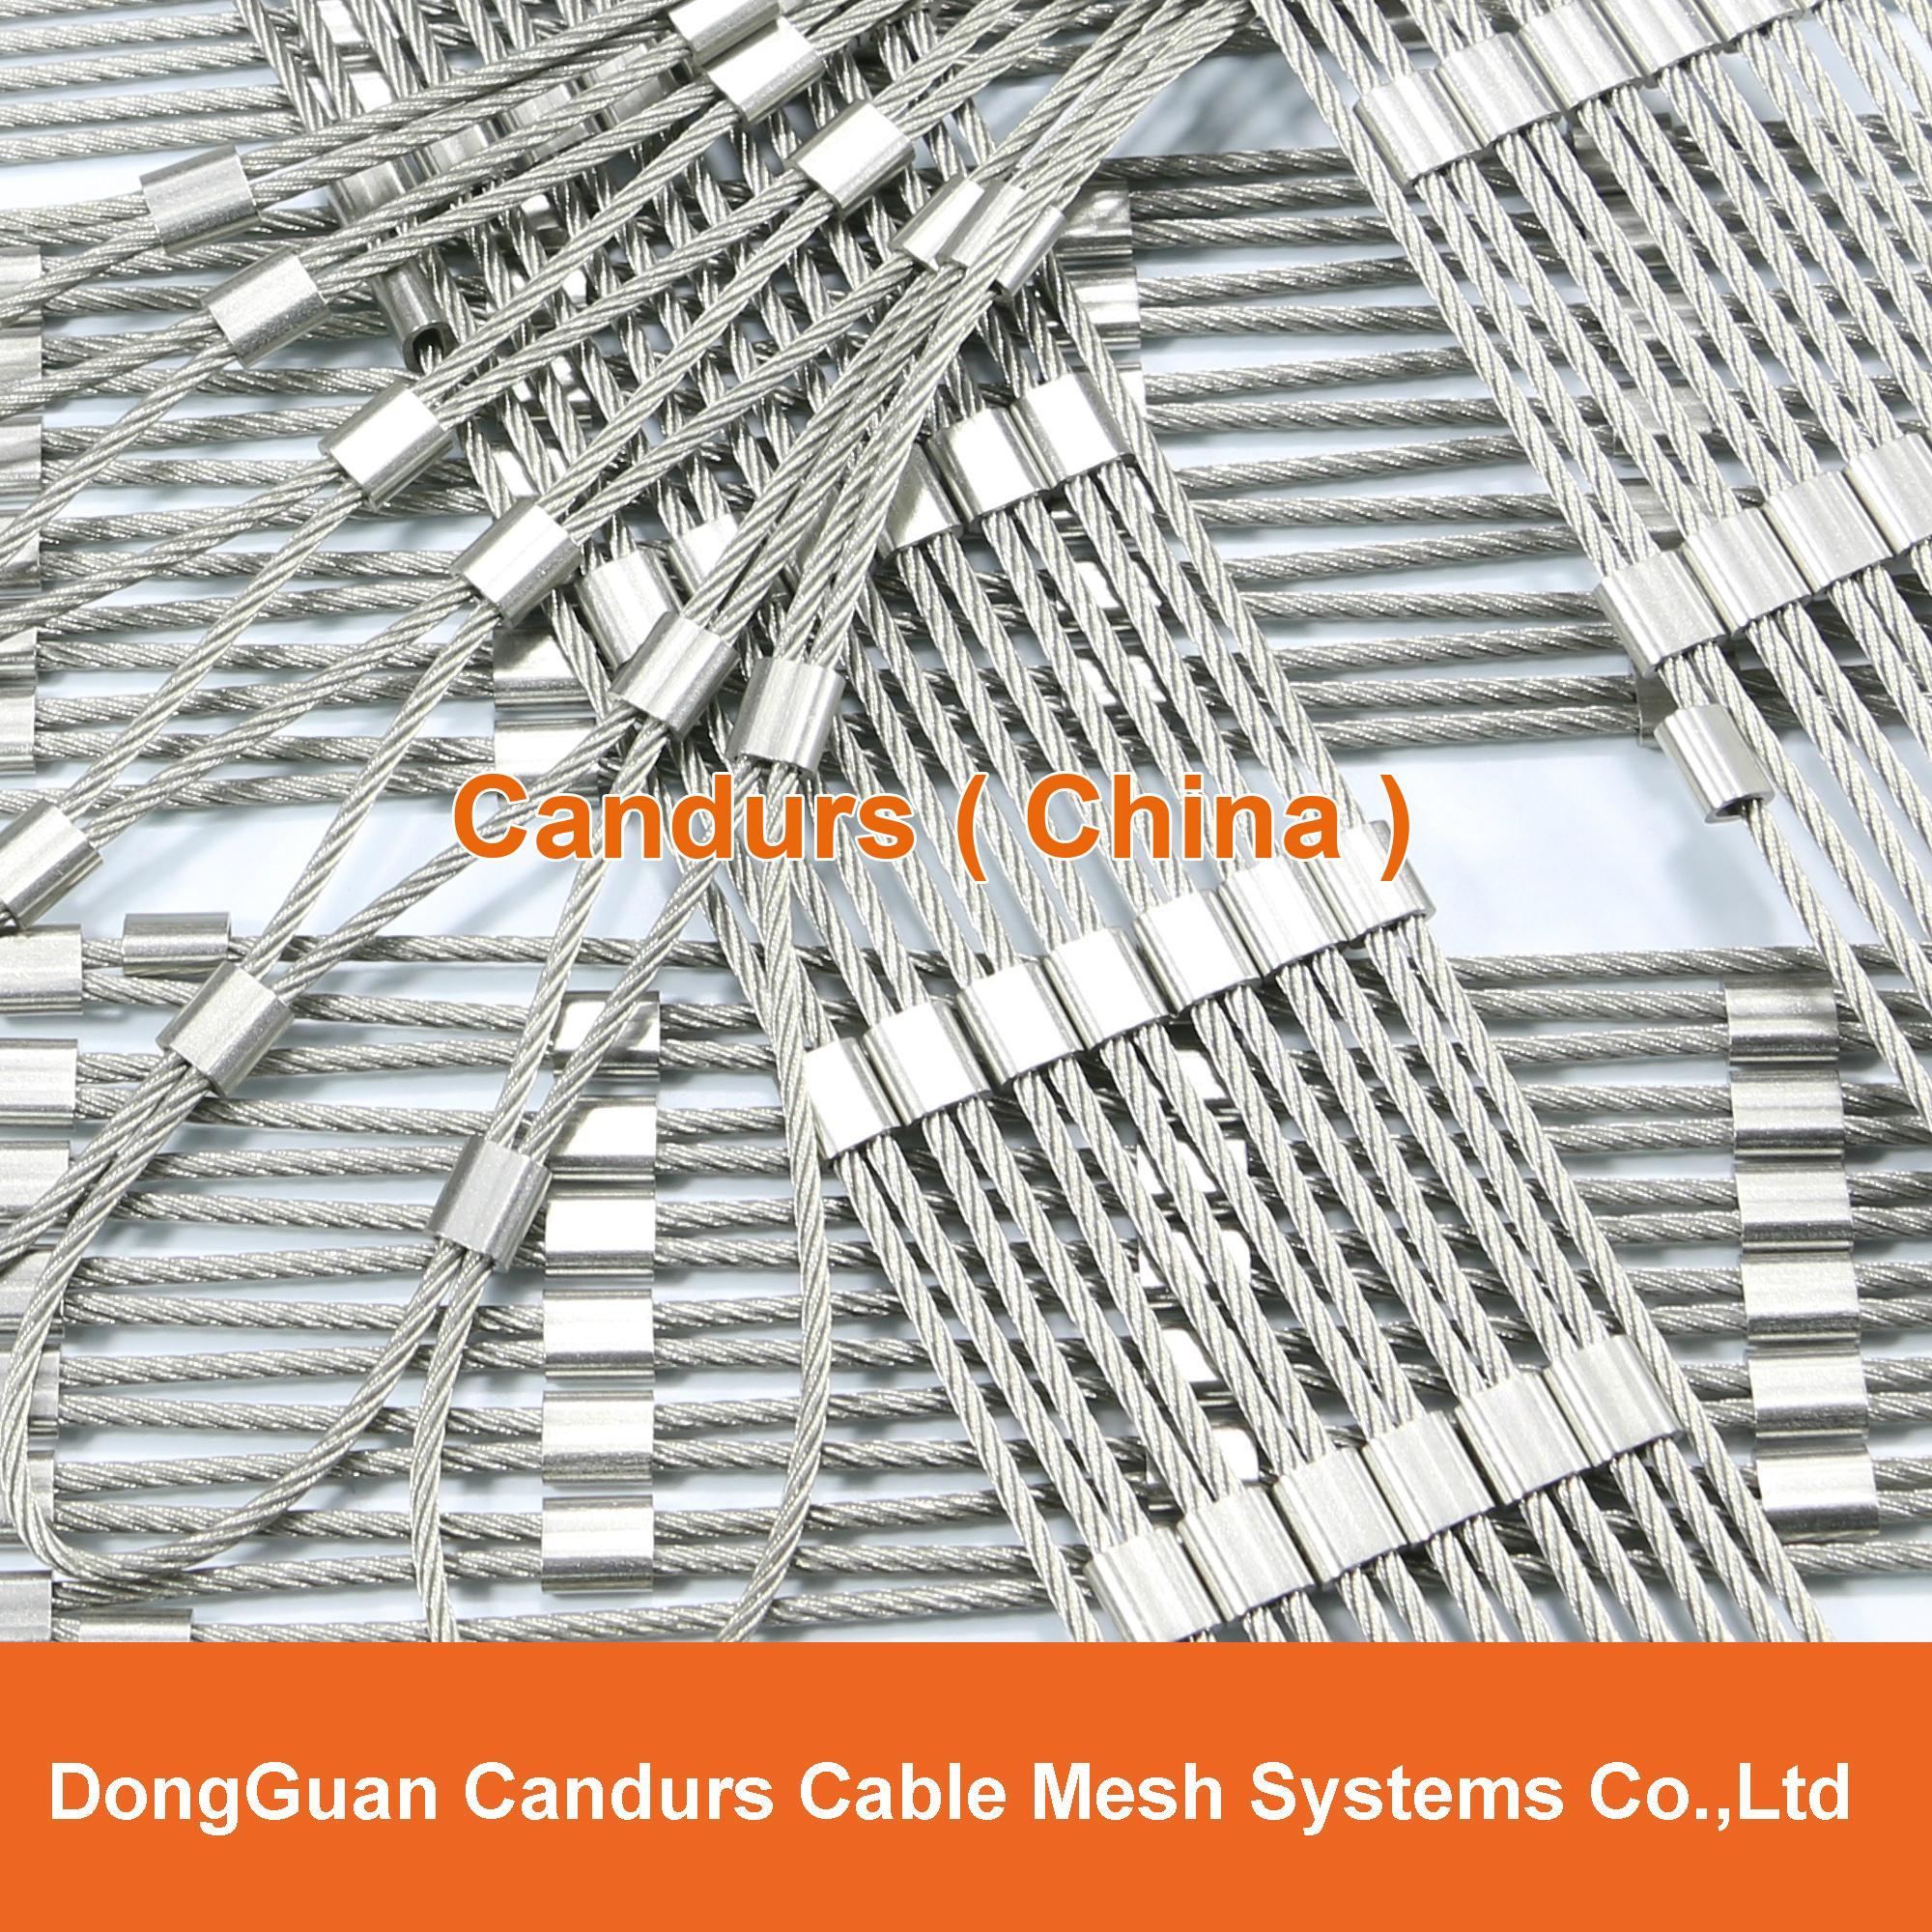 屋頂安全防護不鏽鋼繩網 19